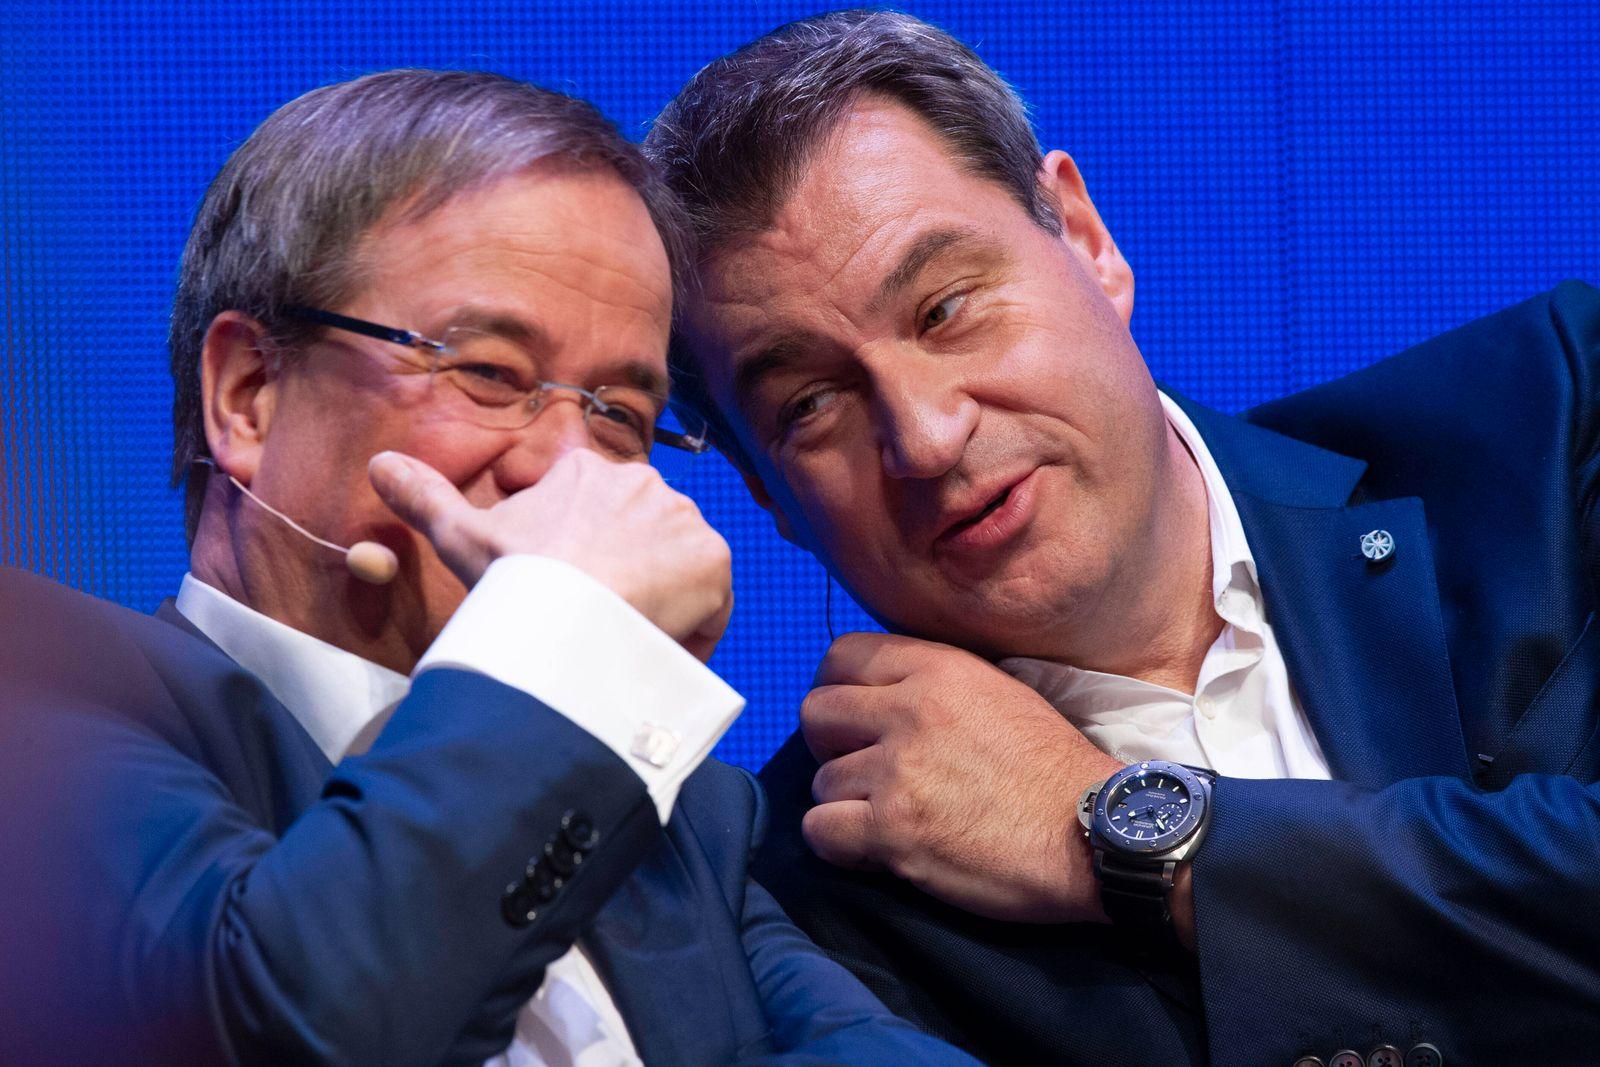 Machtkampf zwischen Markus SOEDER (Ministerpraesident Bayern und CSU Vorsitzender) und Armin LASCHET. Archivfoto: Armin